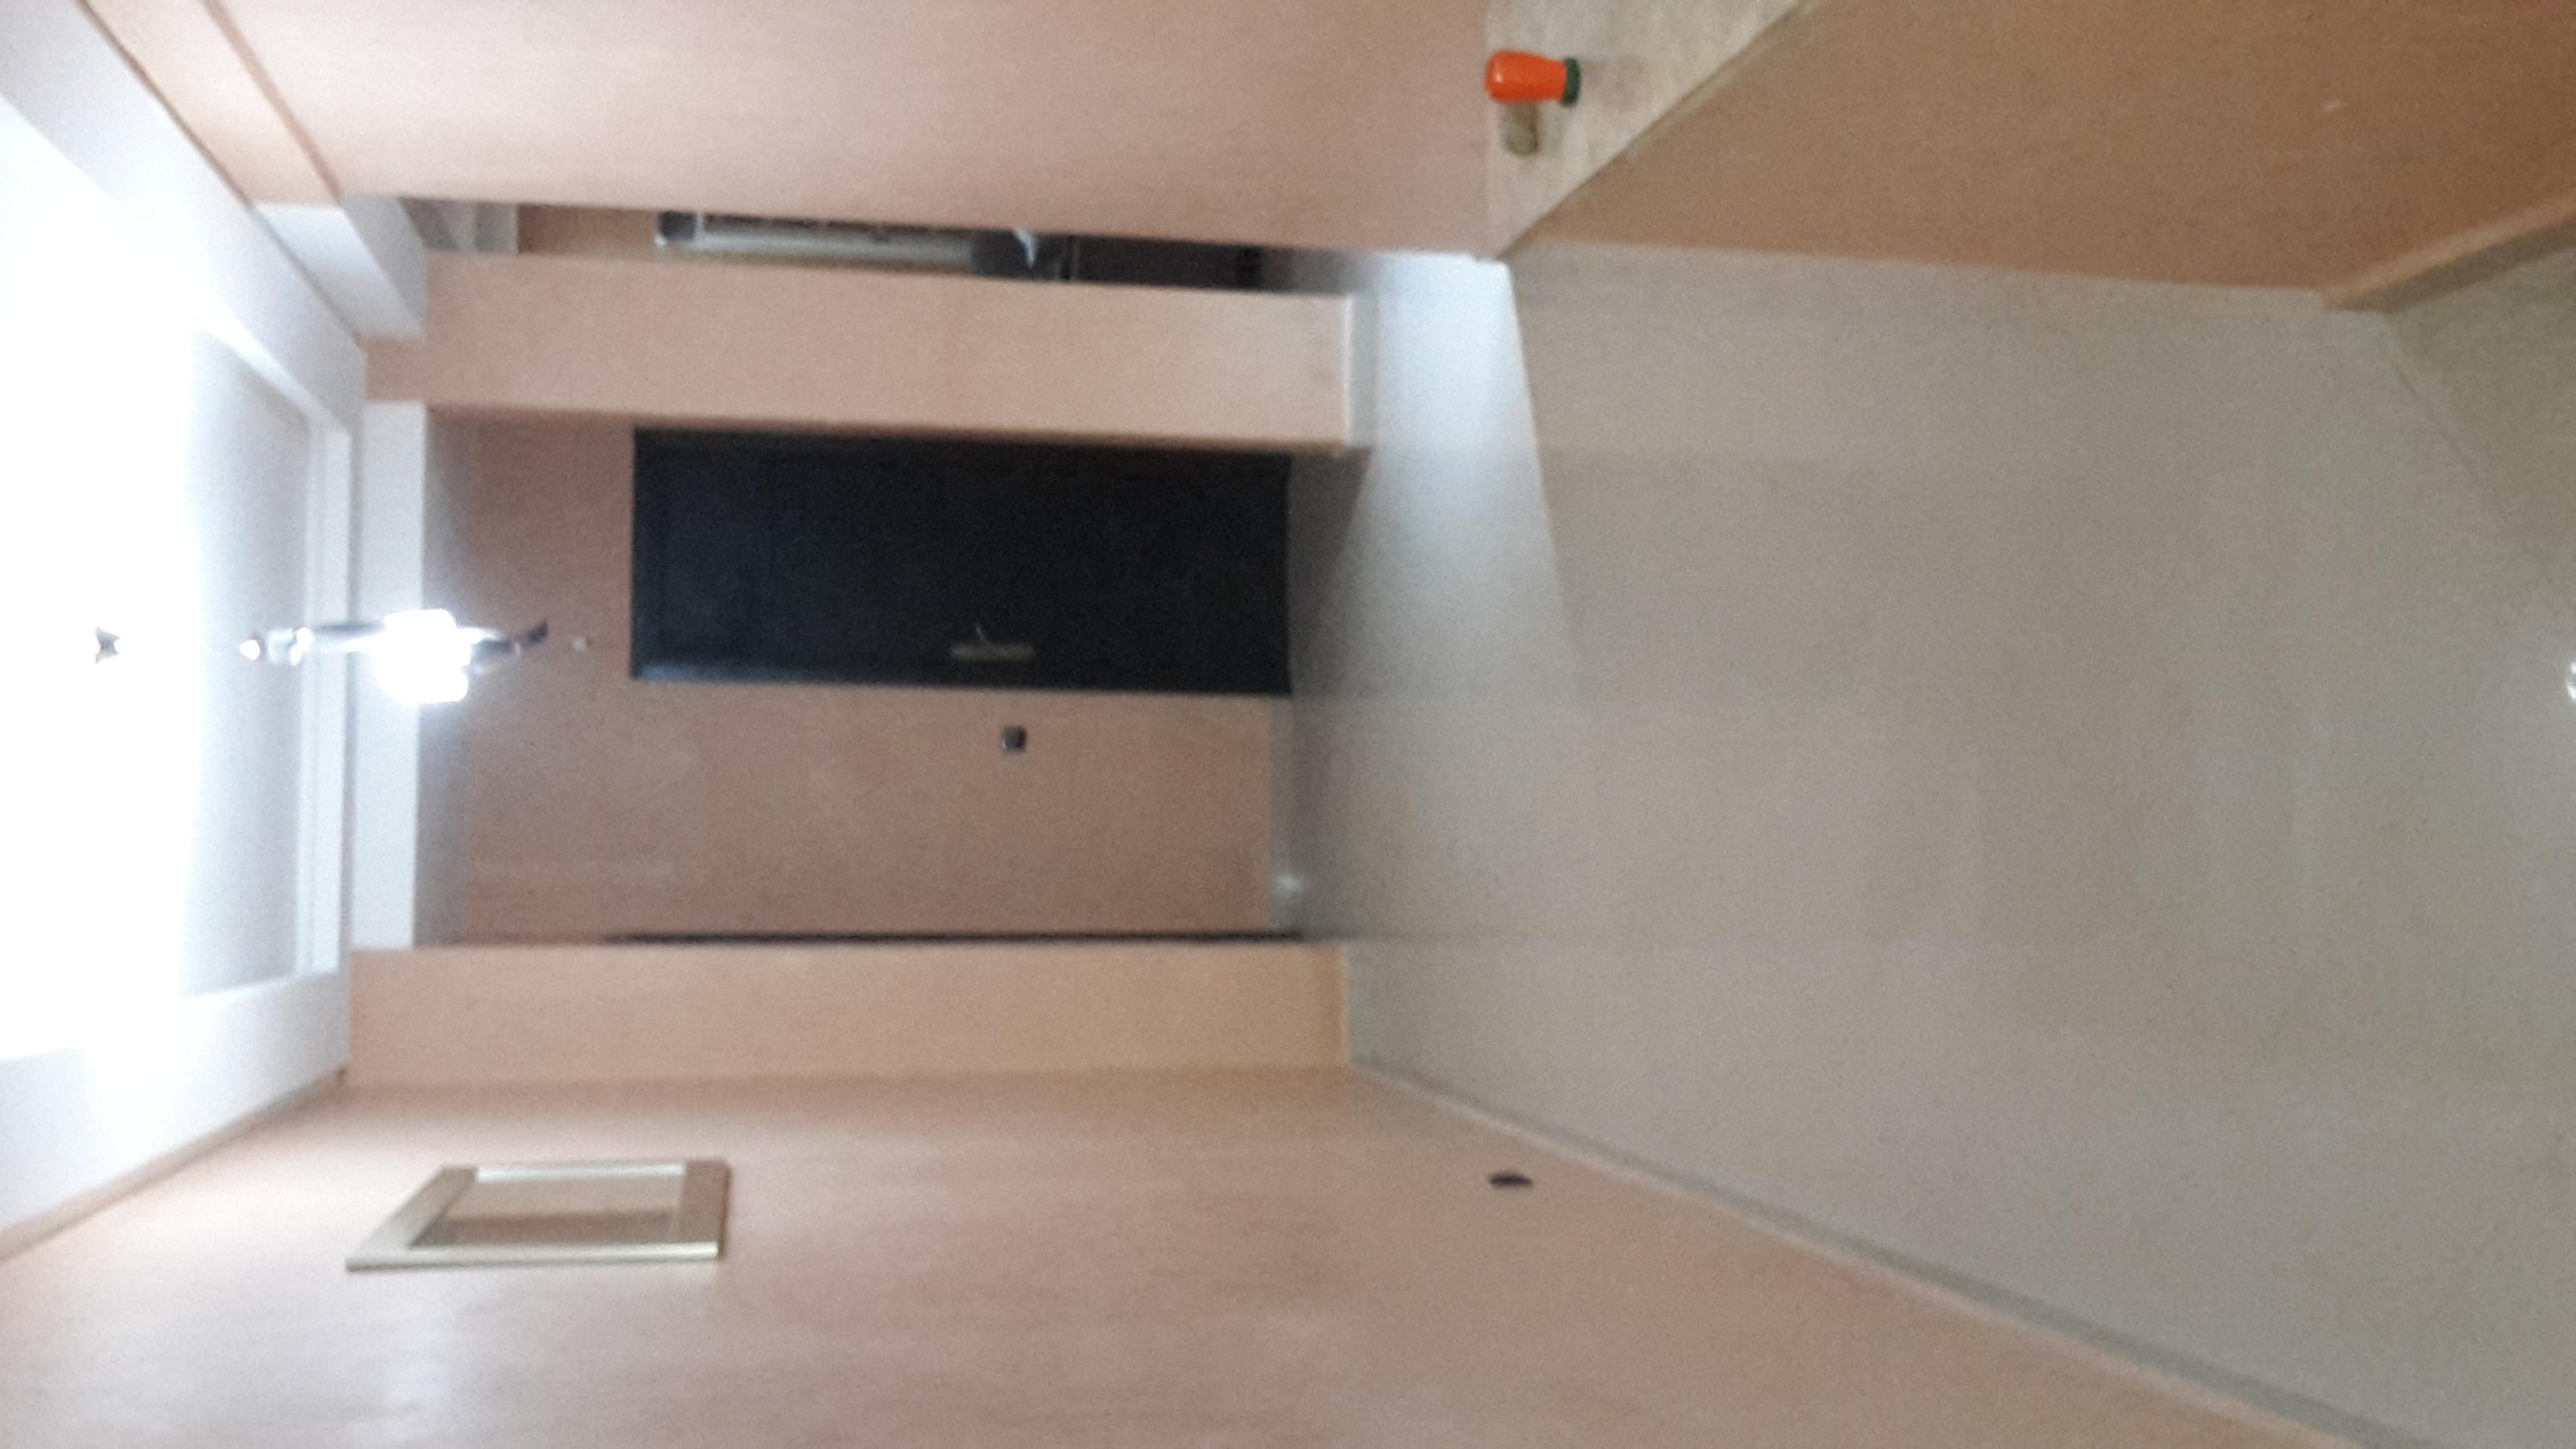 Image appartement de vacances haut standing à NOVA BEACH Village - Résidence balnéaire située à sidi rahal 6